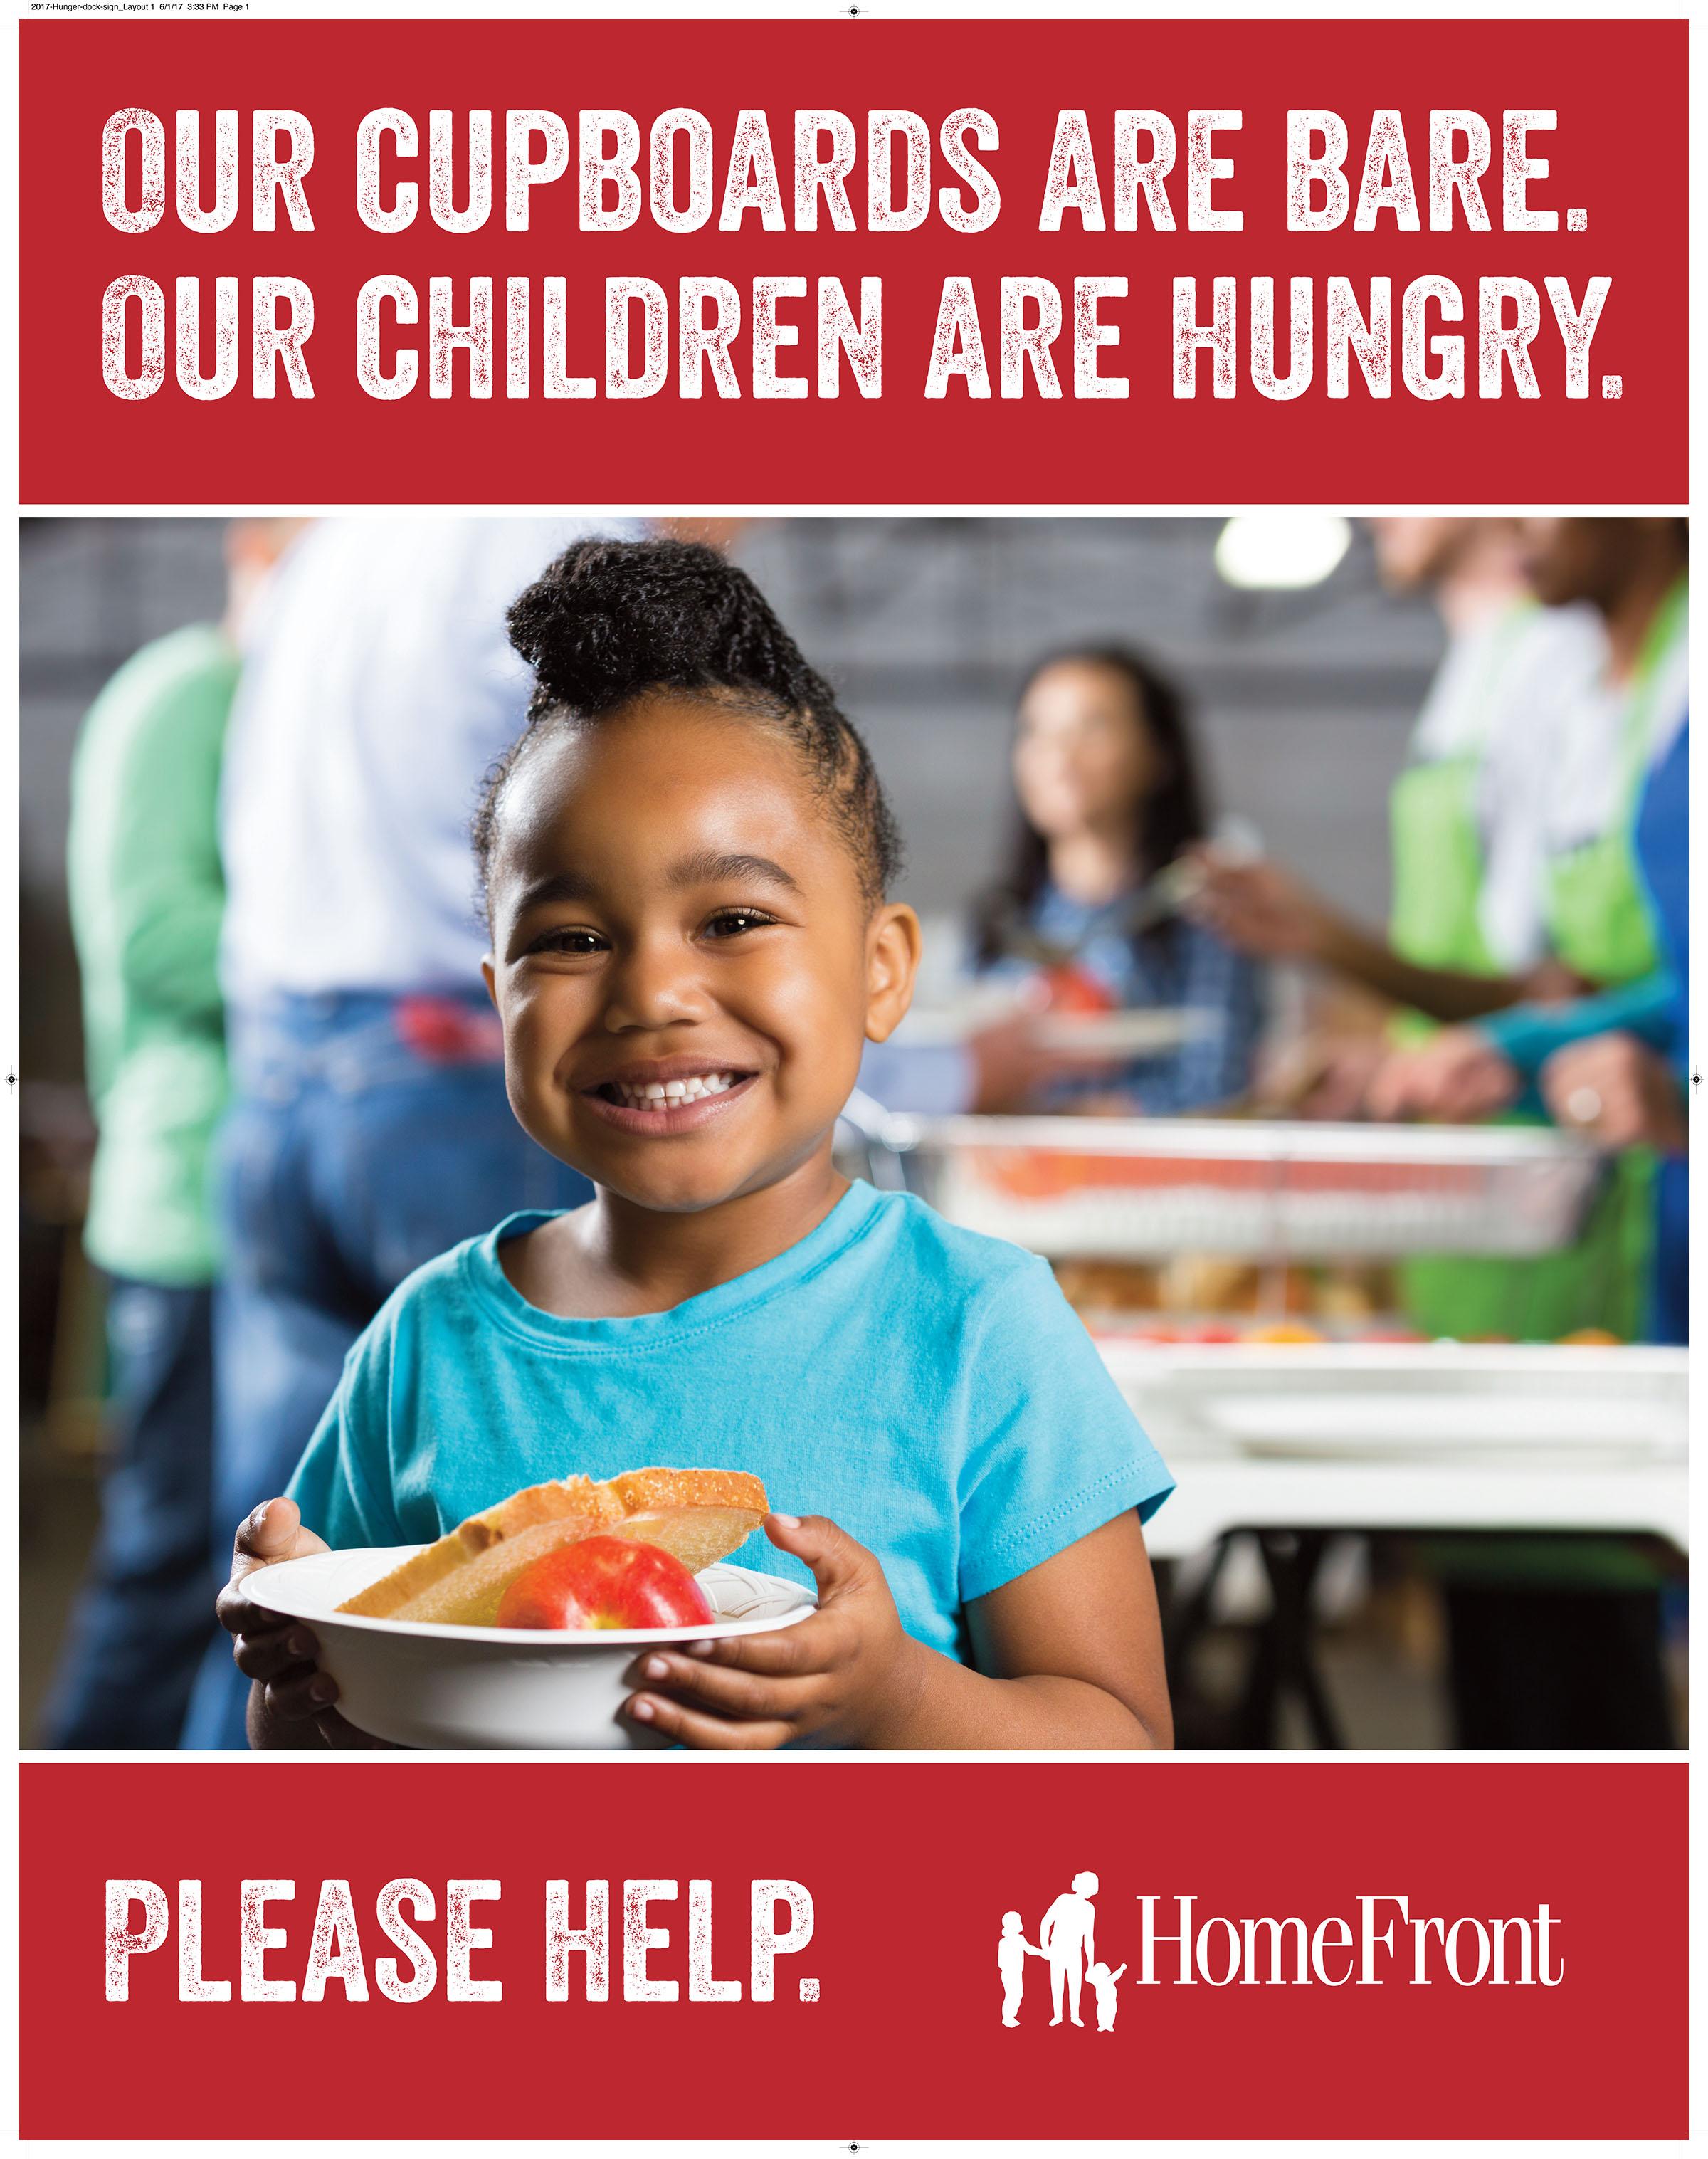 Summer Hunger Campaign 2017 Homefront Nj